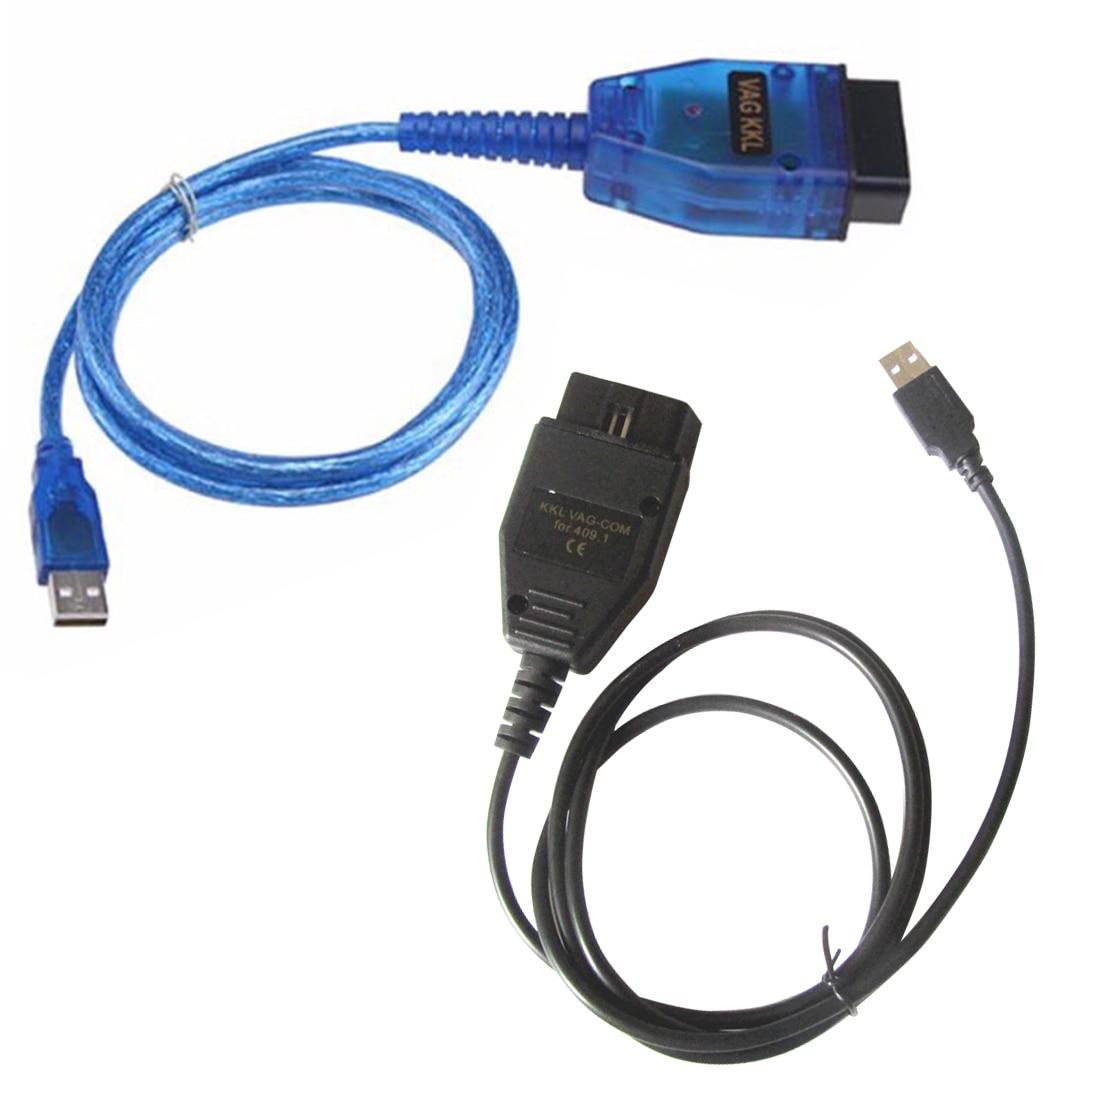 Dewtreetali Usb-schnittstelle Diagnosekabel Adapter OBD2 Scan Tool Scanner mit CD für Audi VW SEAT SKODA für VAG 409,1 KKL